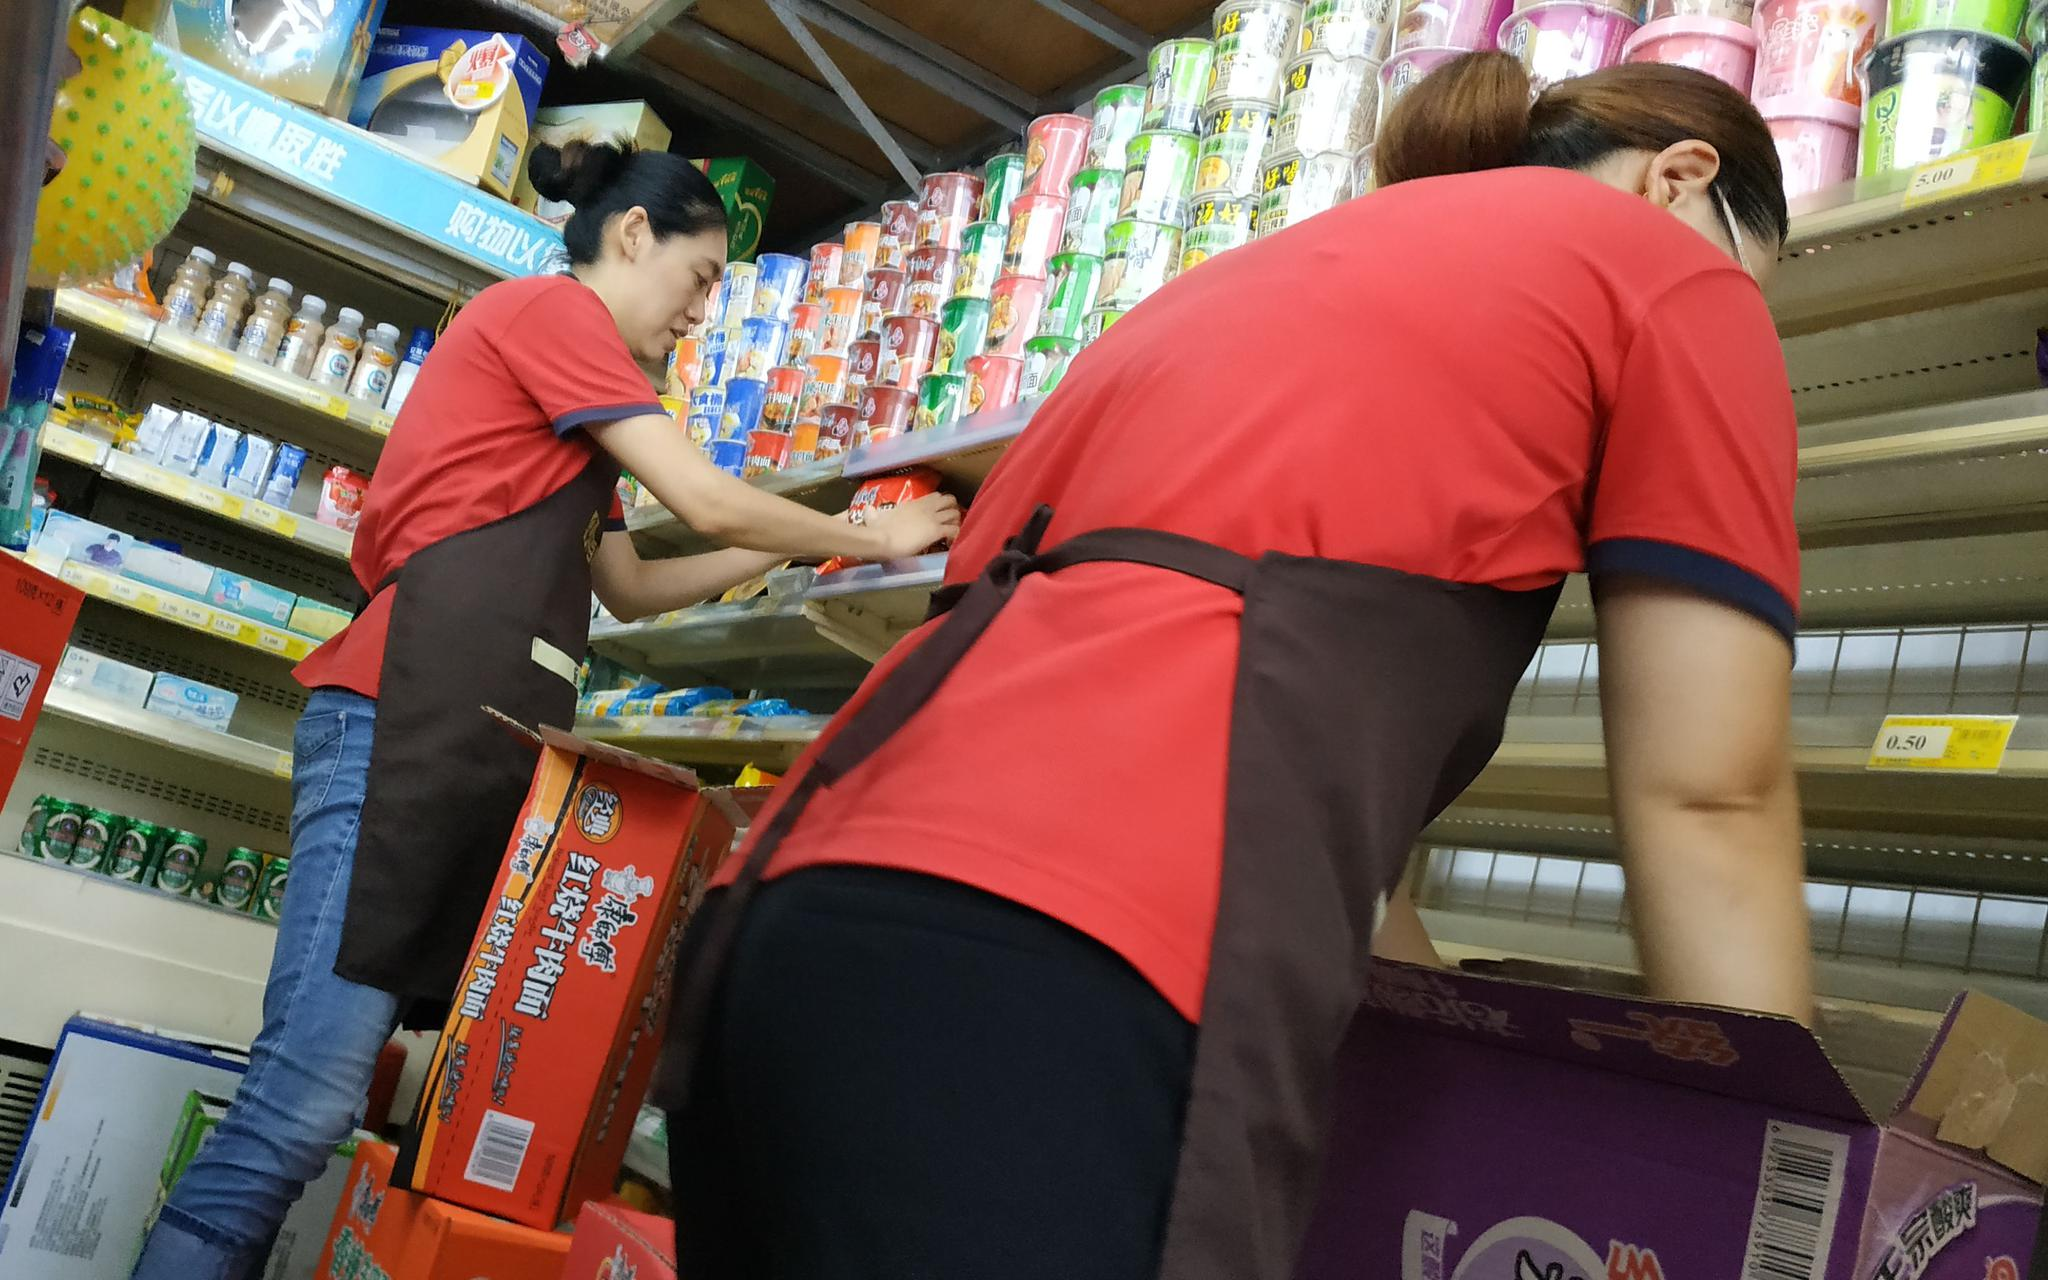 8月13日,位于山东寿光公园北街上的一家超市内,工作人员正在向货架摆放泡面。新京报记者 刘名洋 摄